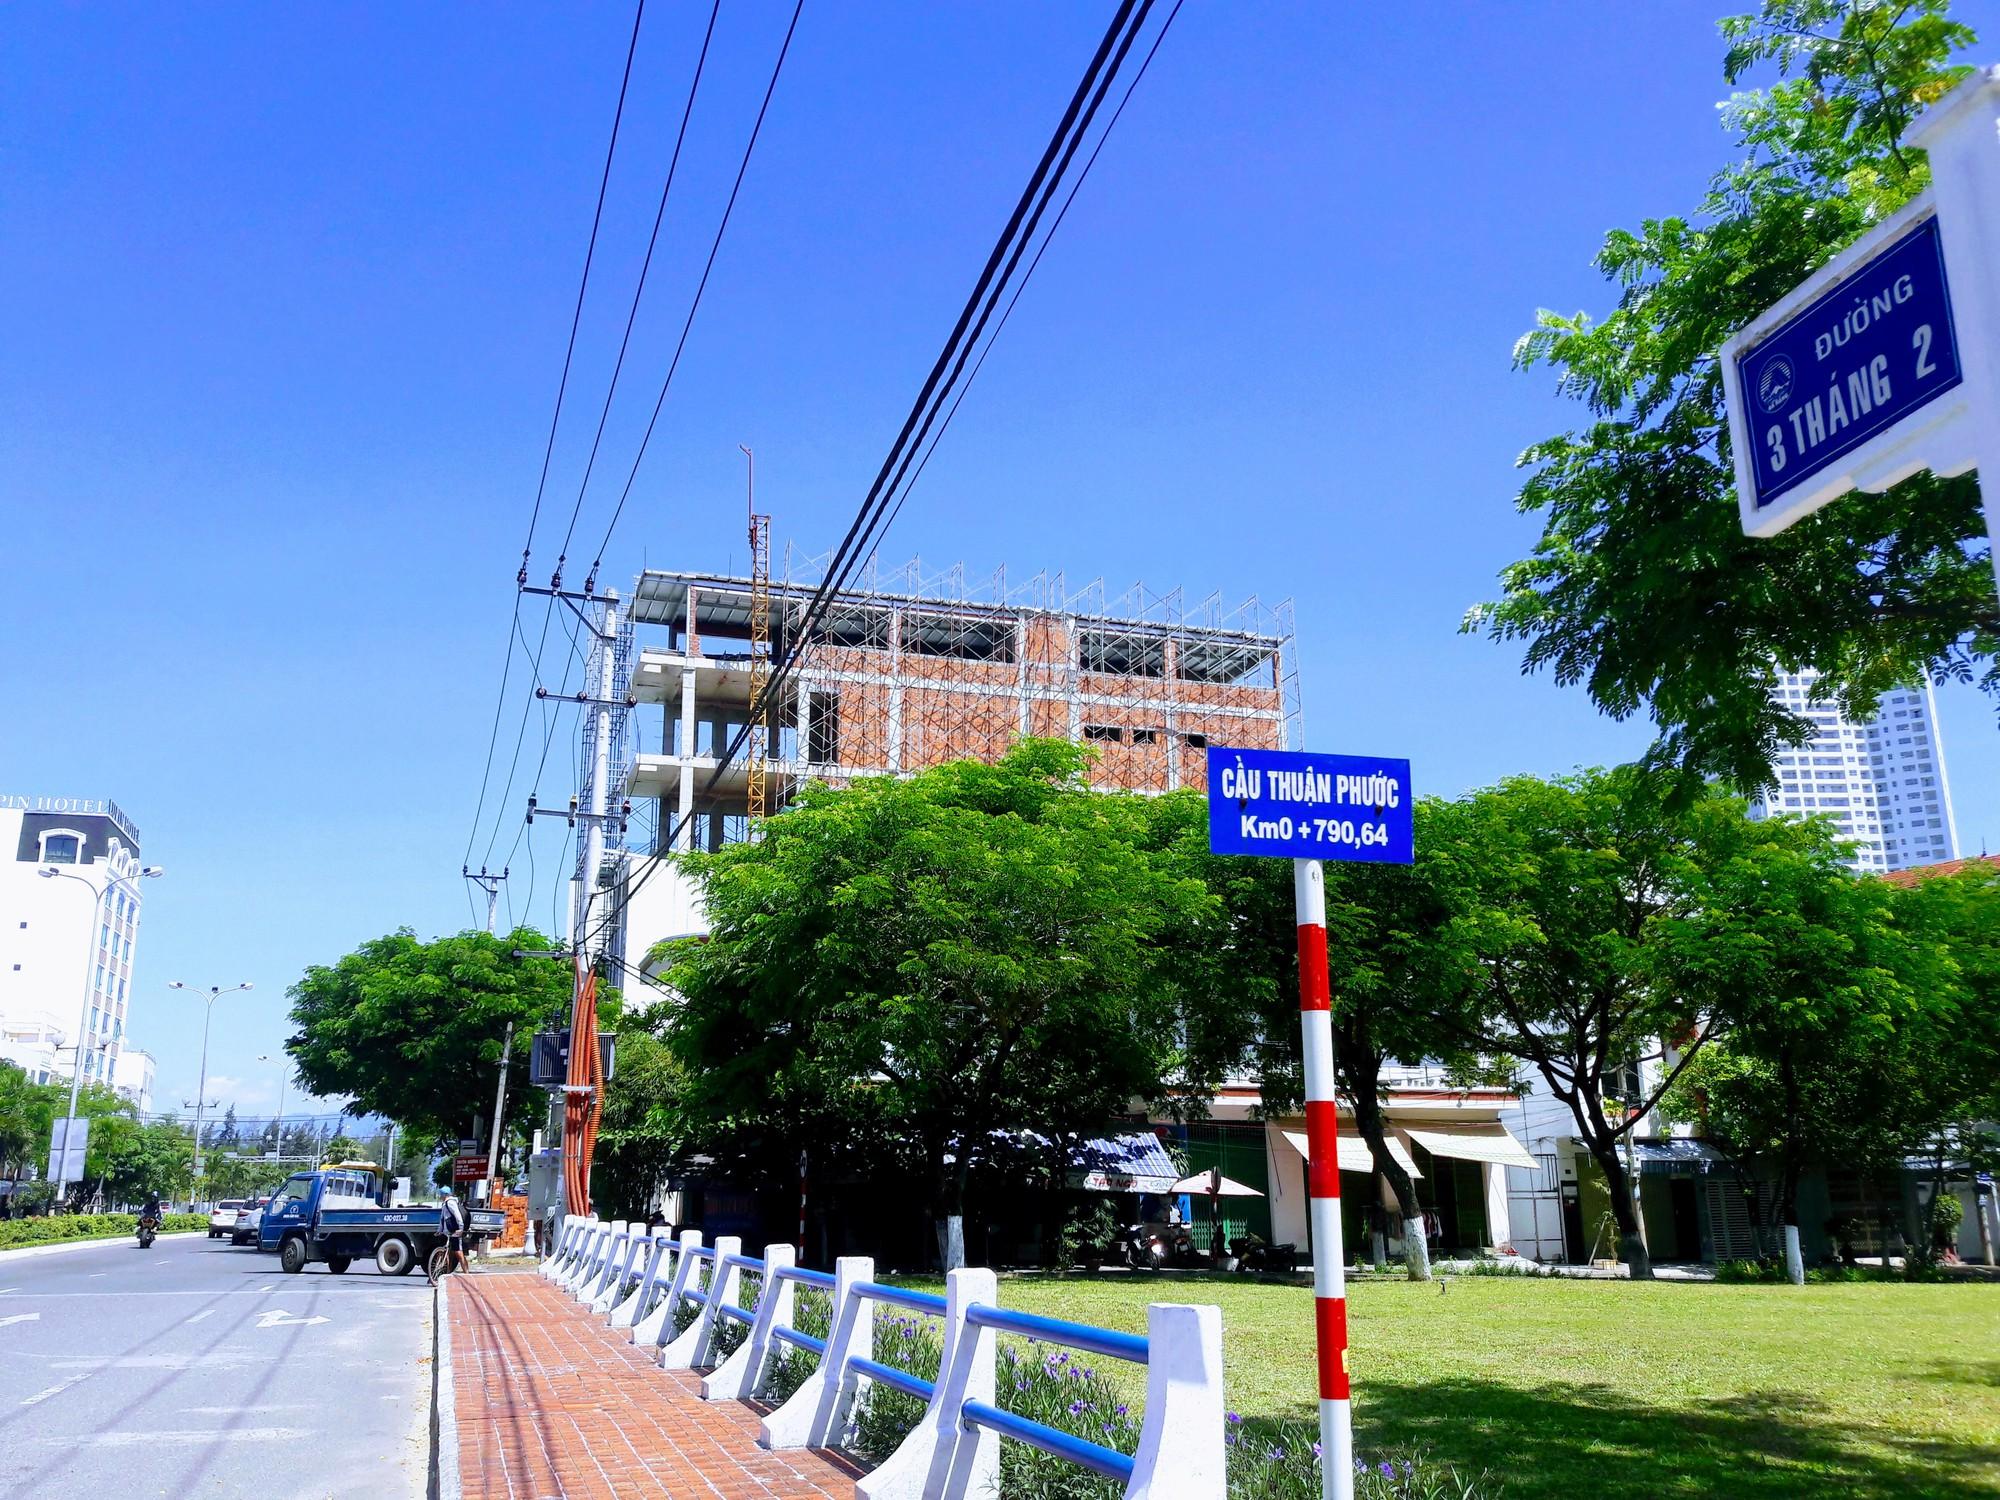 Những tuyến đường cấm ô tô để tổ chức Lễ hội pháo hoa Quốc tế Đà Nẵng 2019 - Ảnh 10.